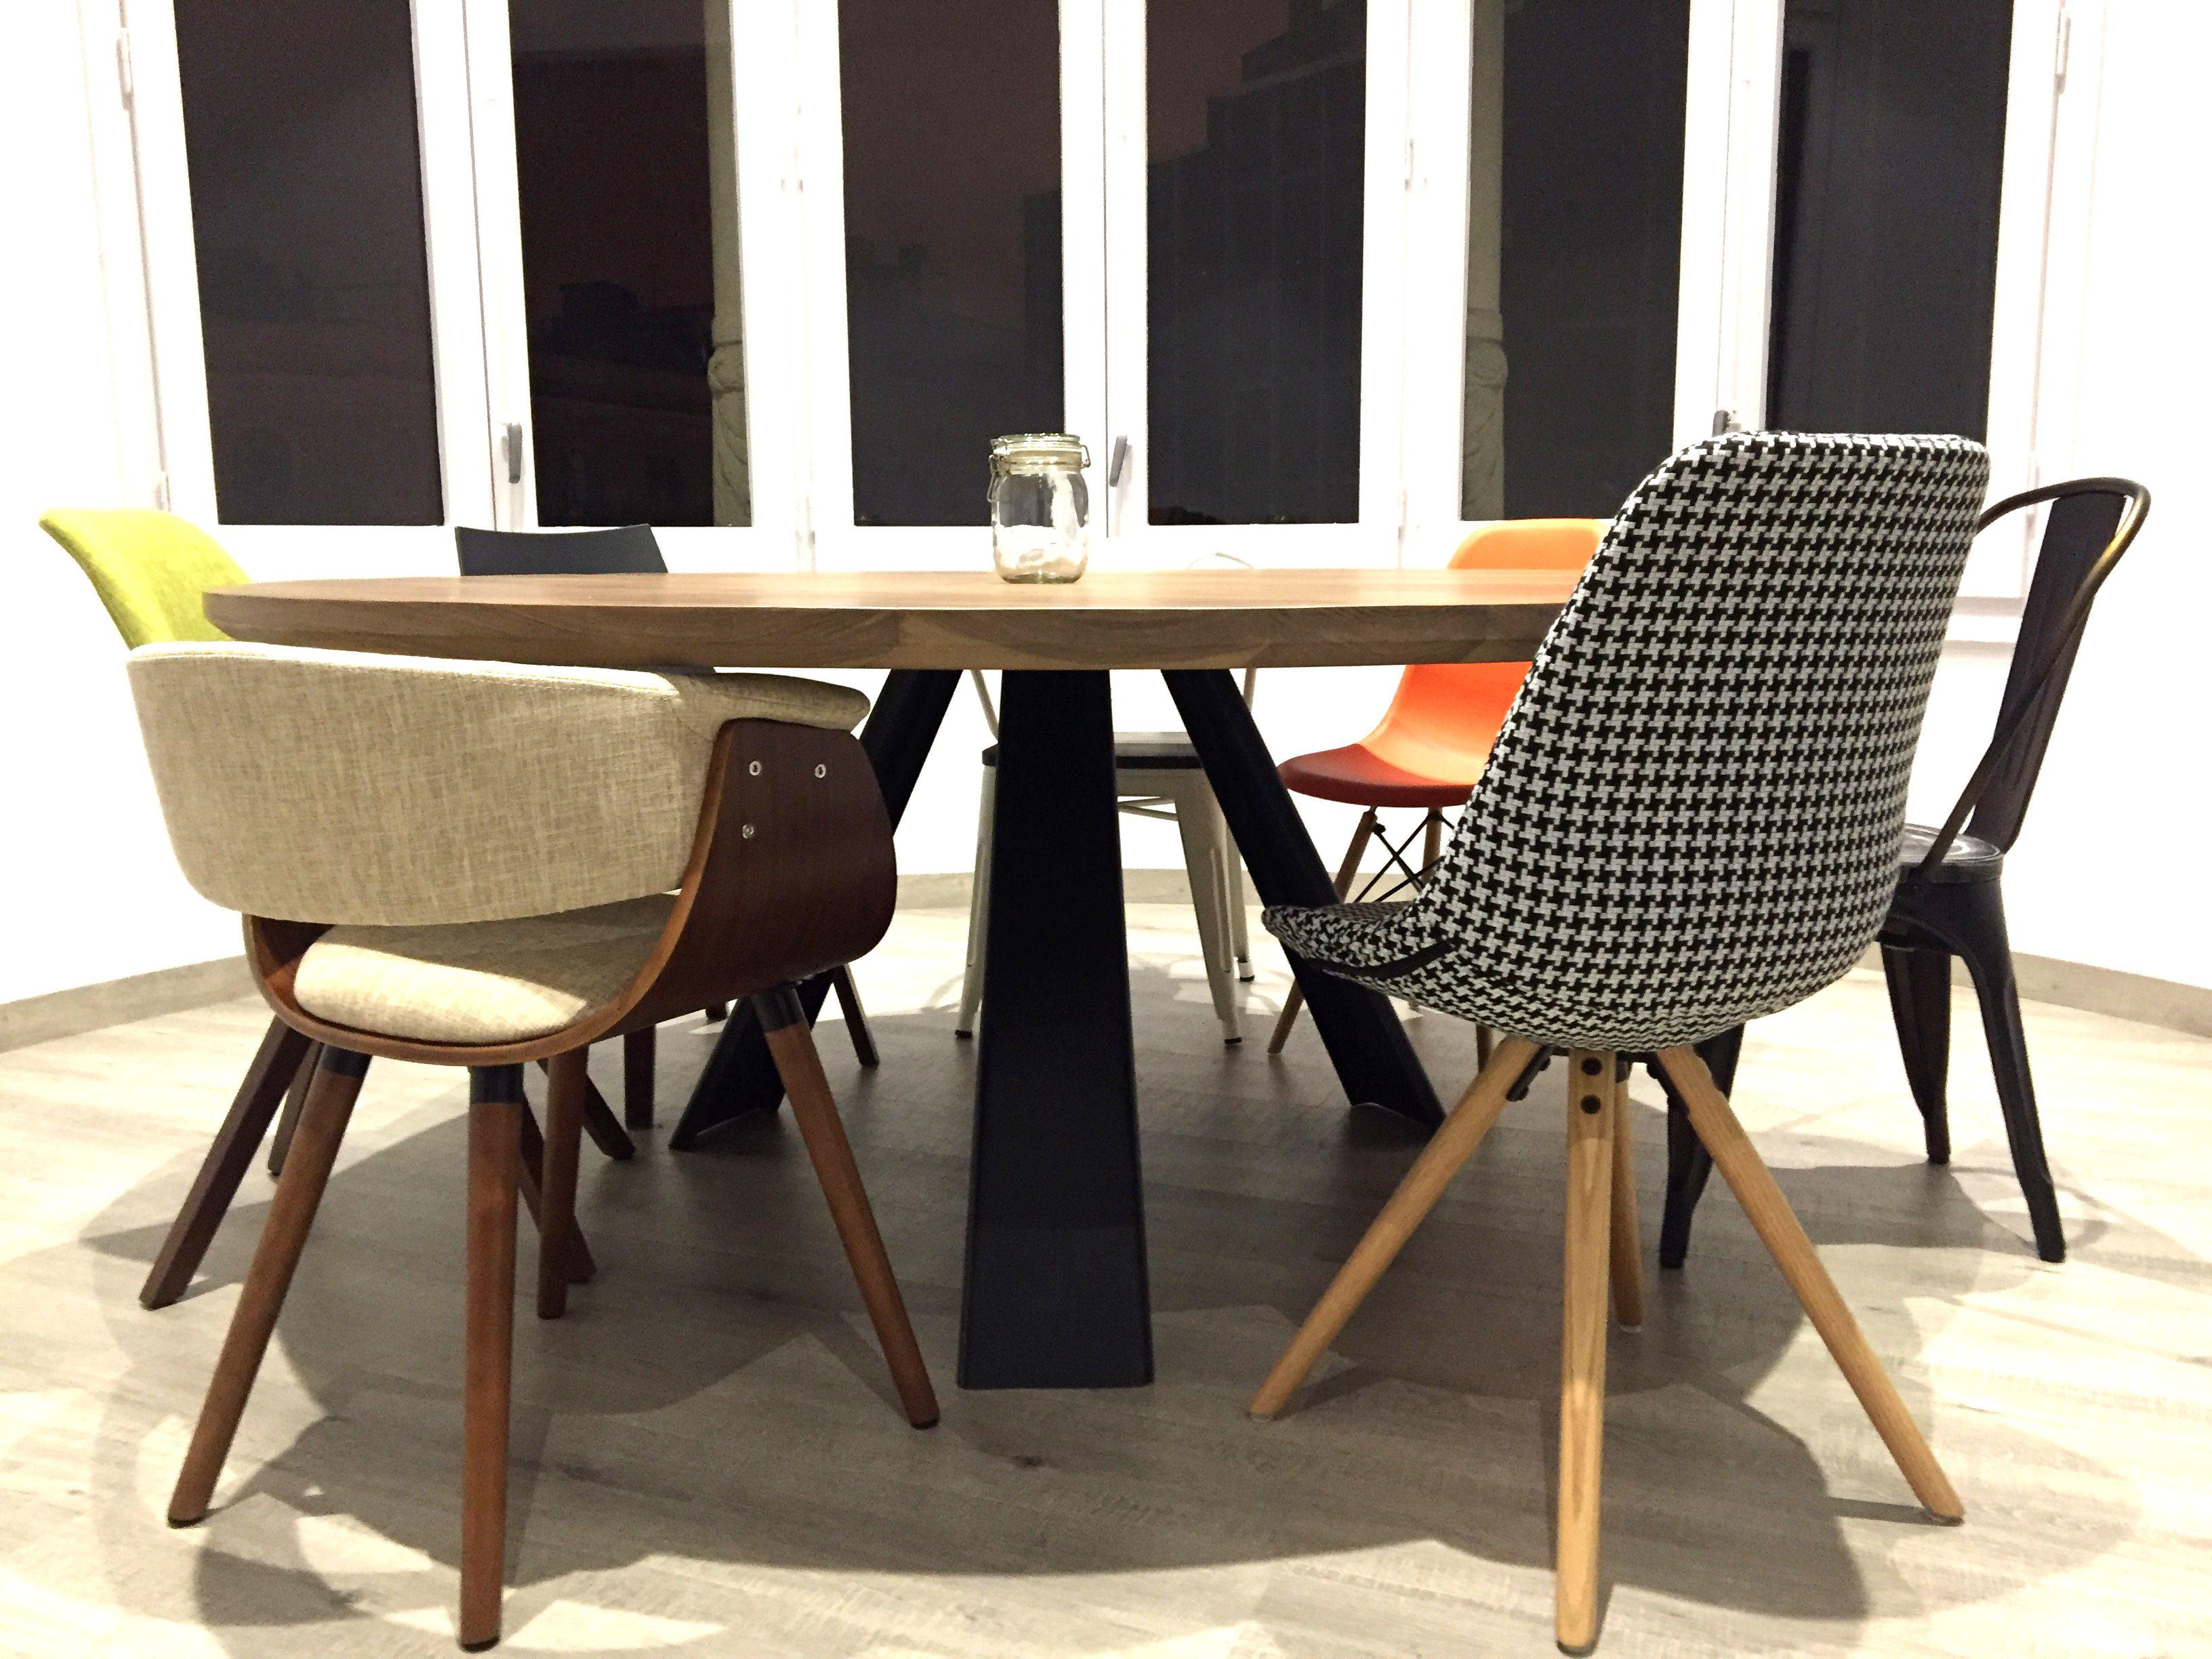 Muebles fabricados a mano con maderas La Contra: Pino de Flandes ...